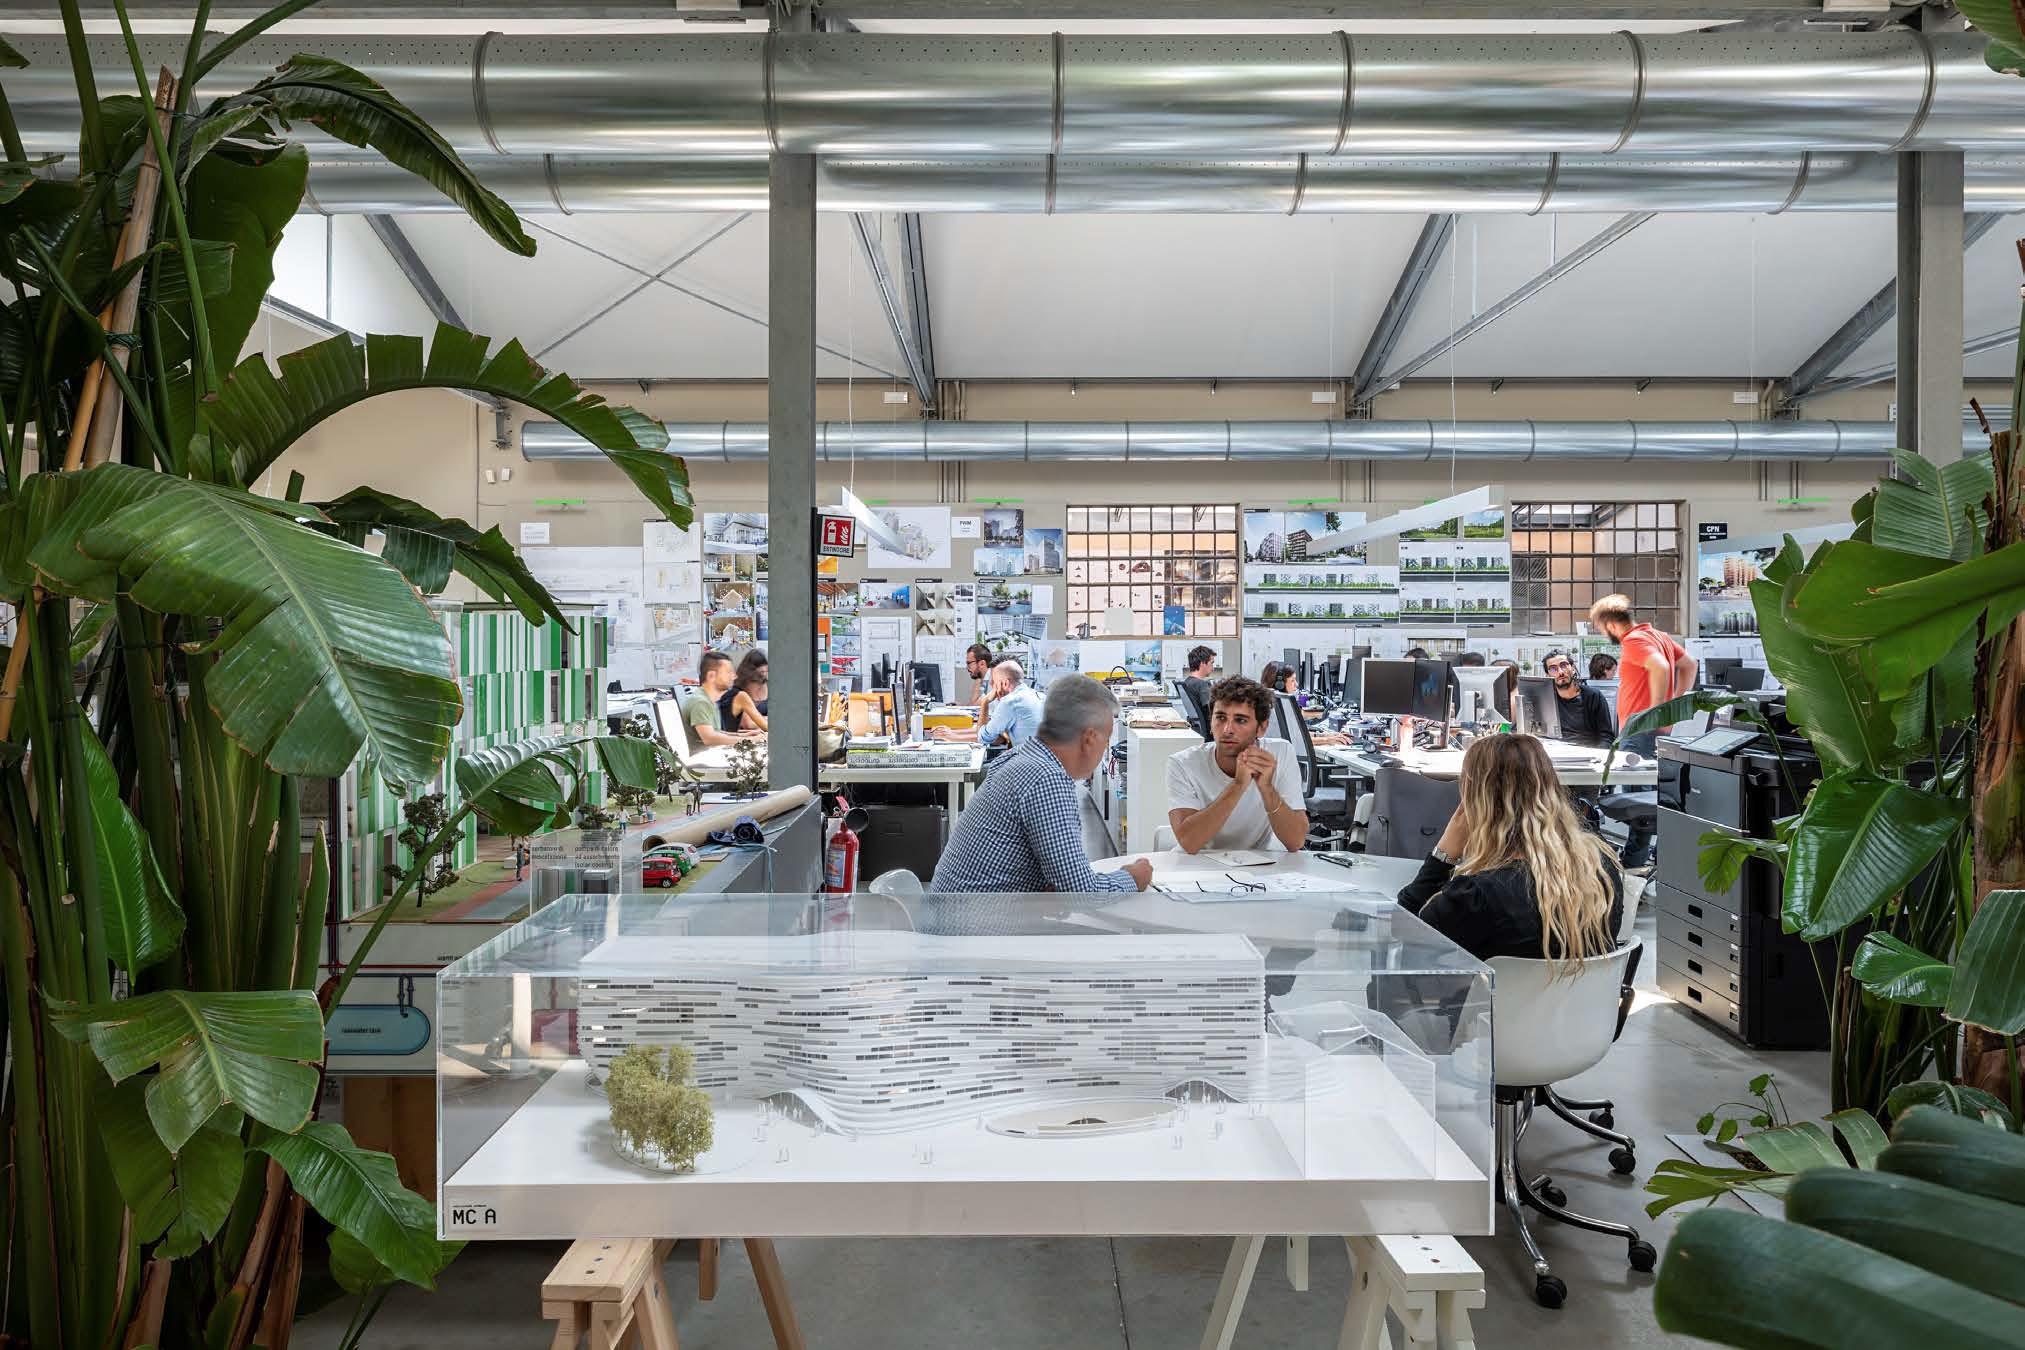 Mario Cucinella Architects: inaugurata la nuova sede a Milano in un ex opificio degli anni 30